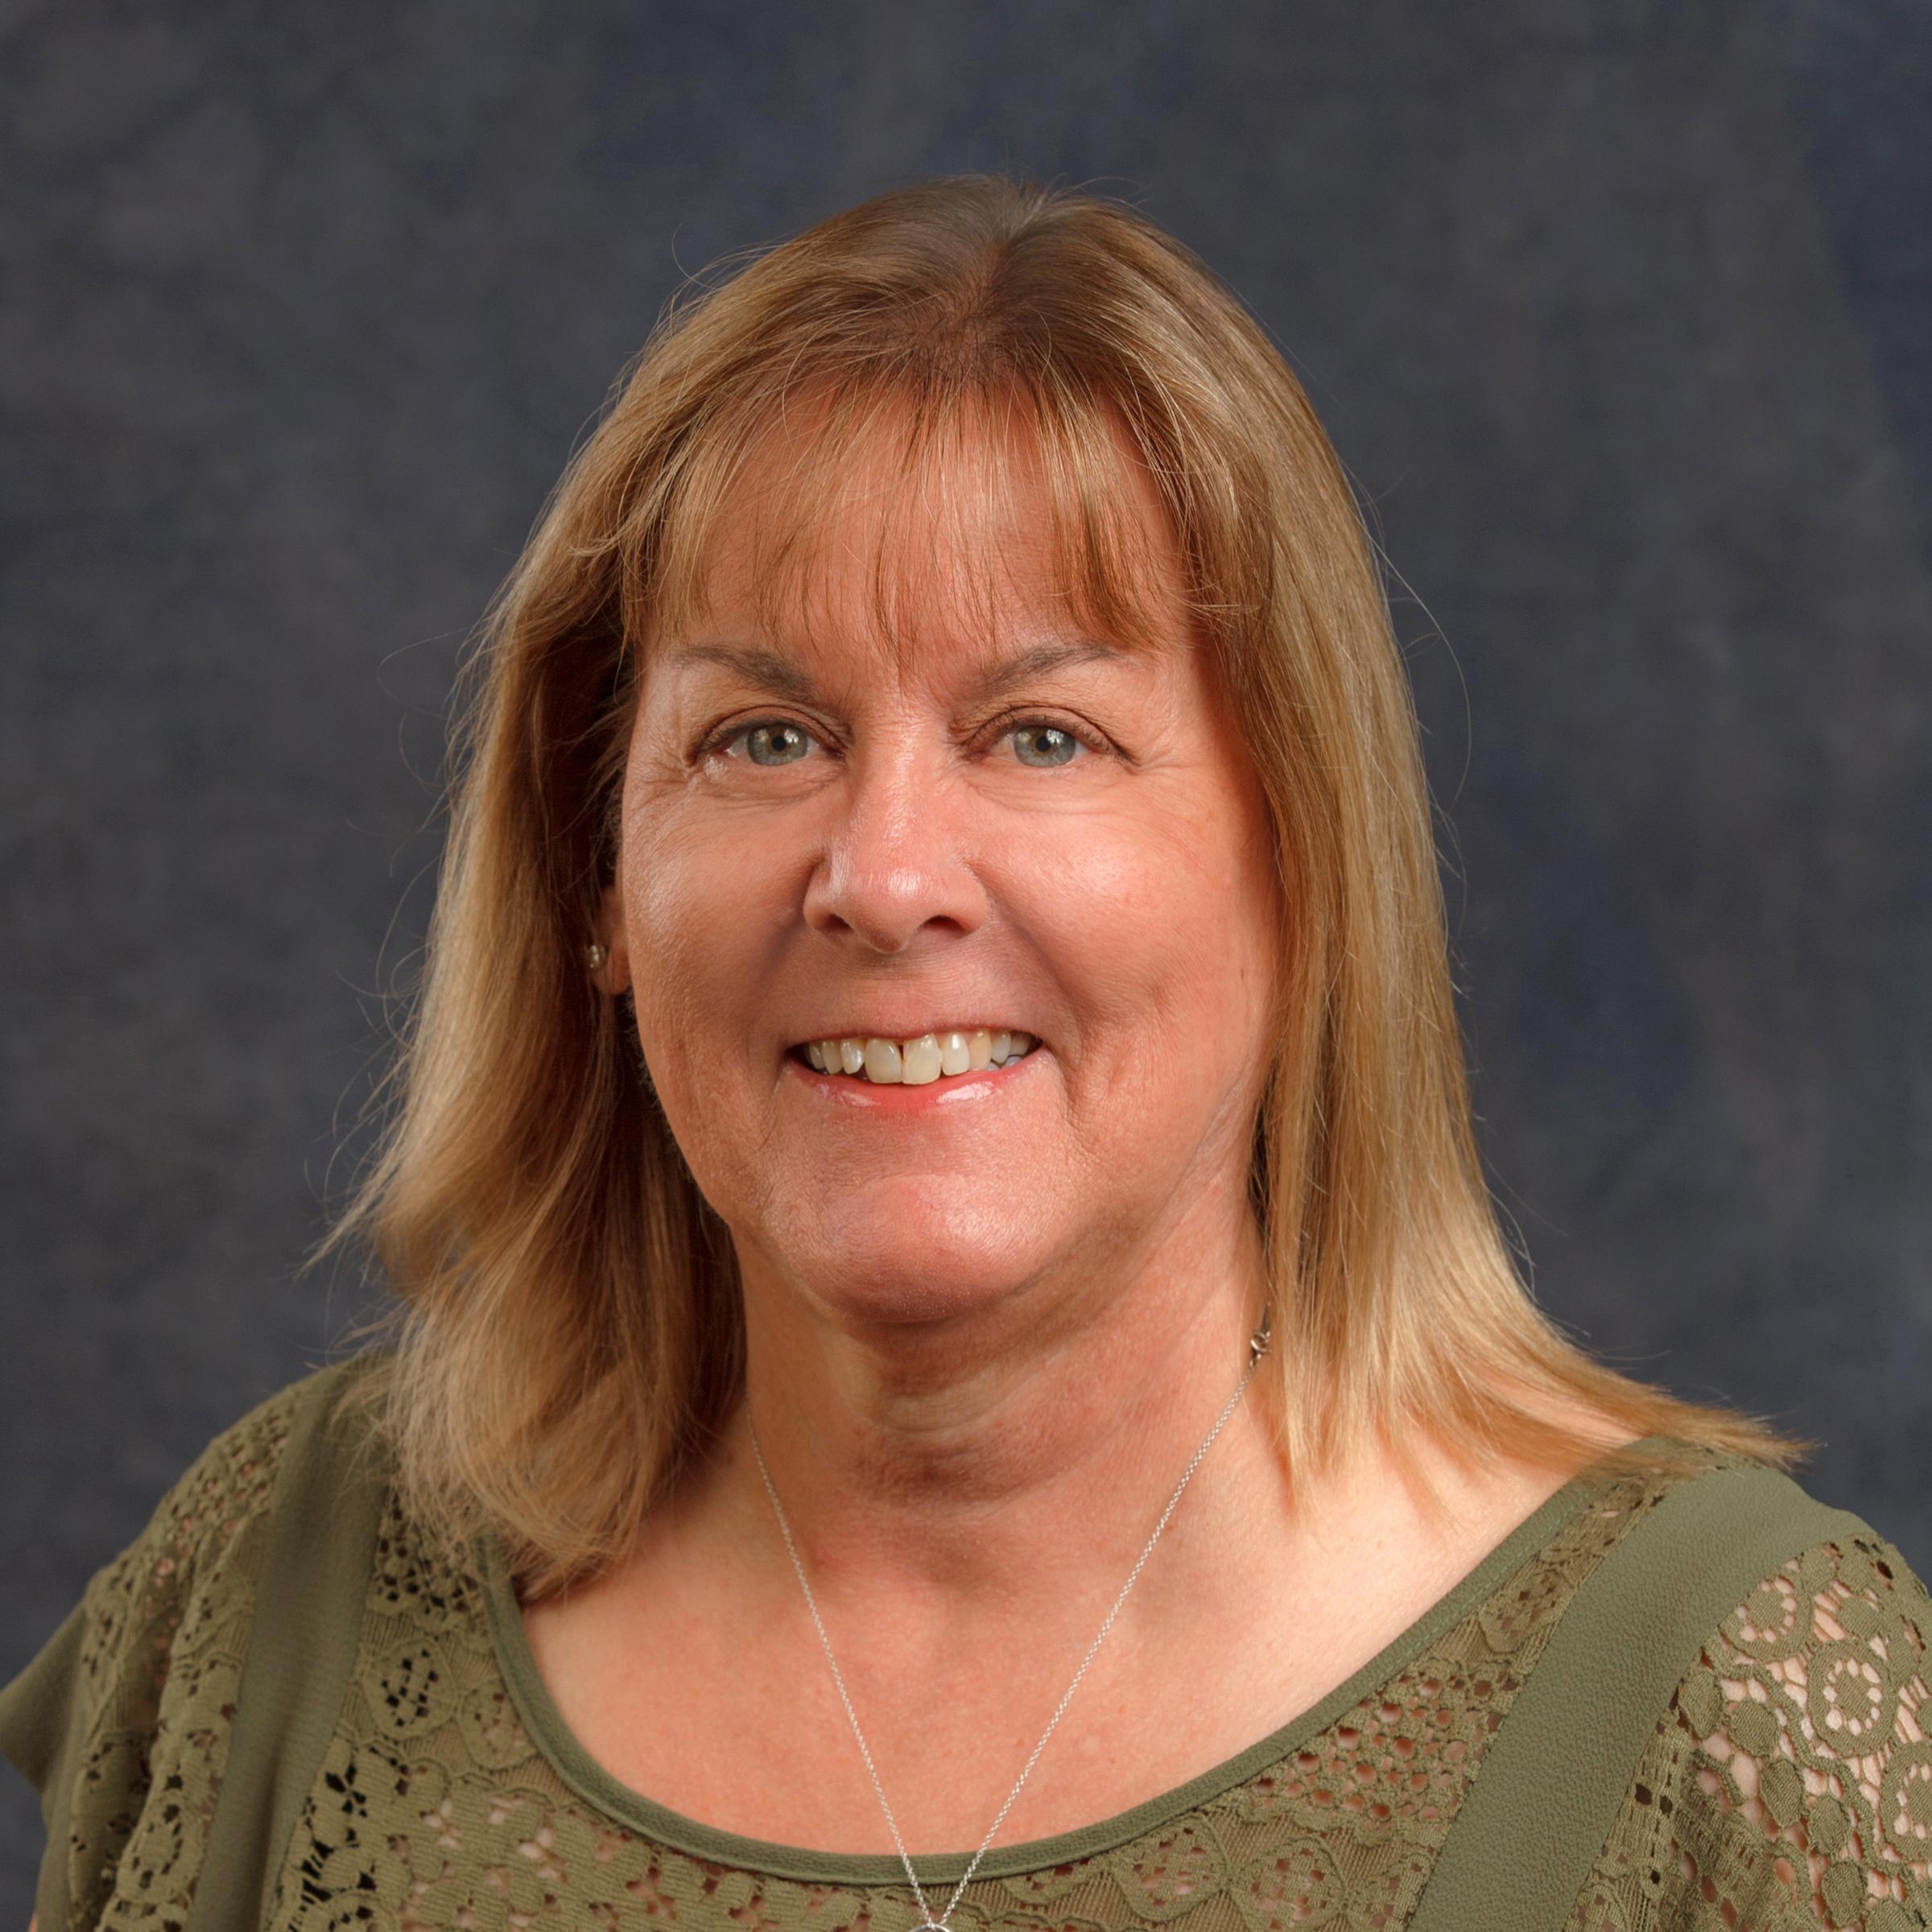 _Pam Nuti's Profile Photo